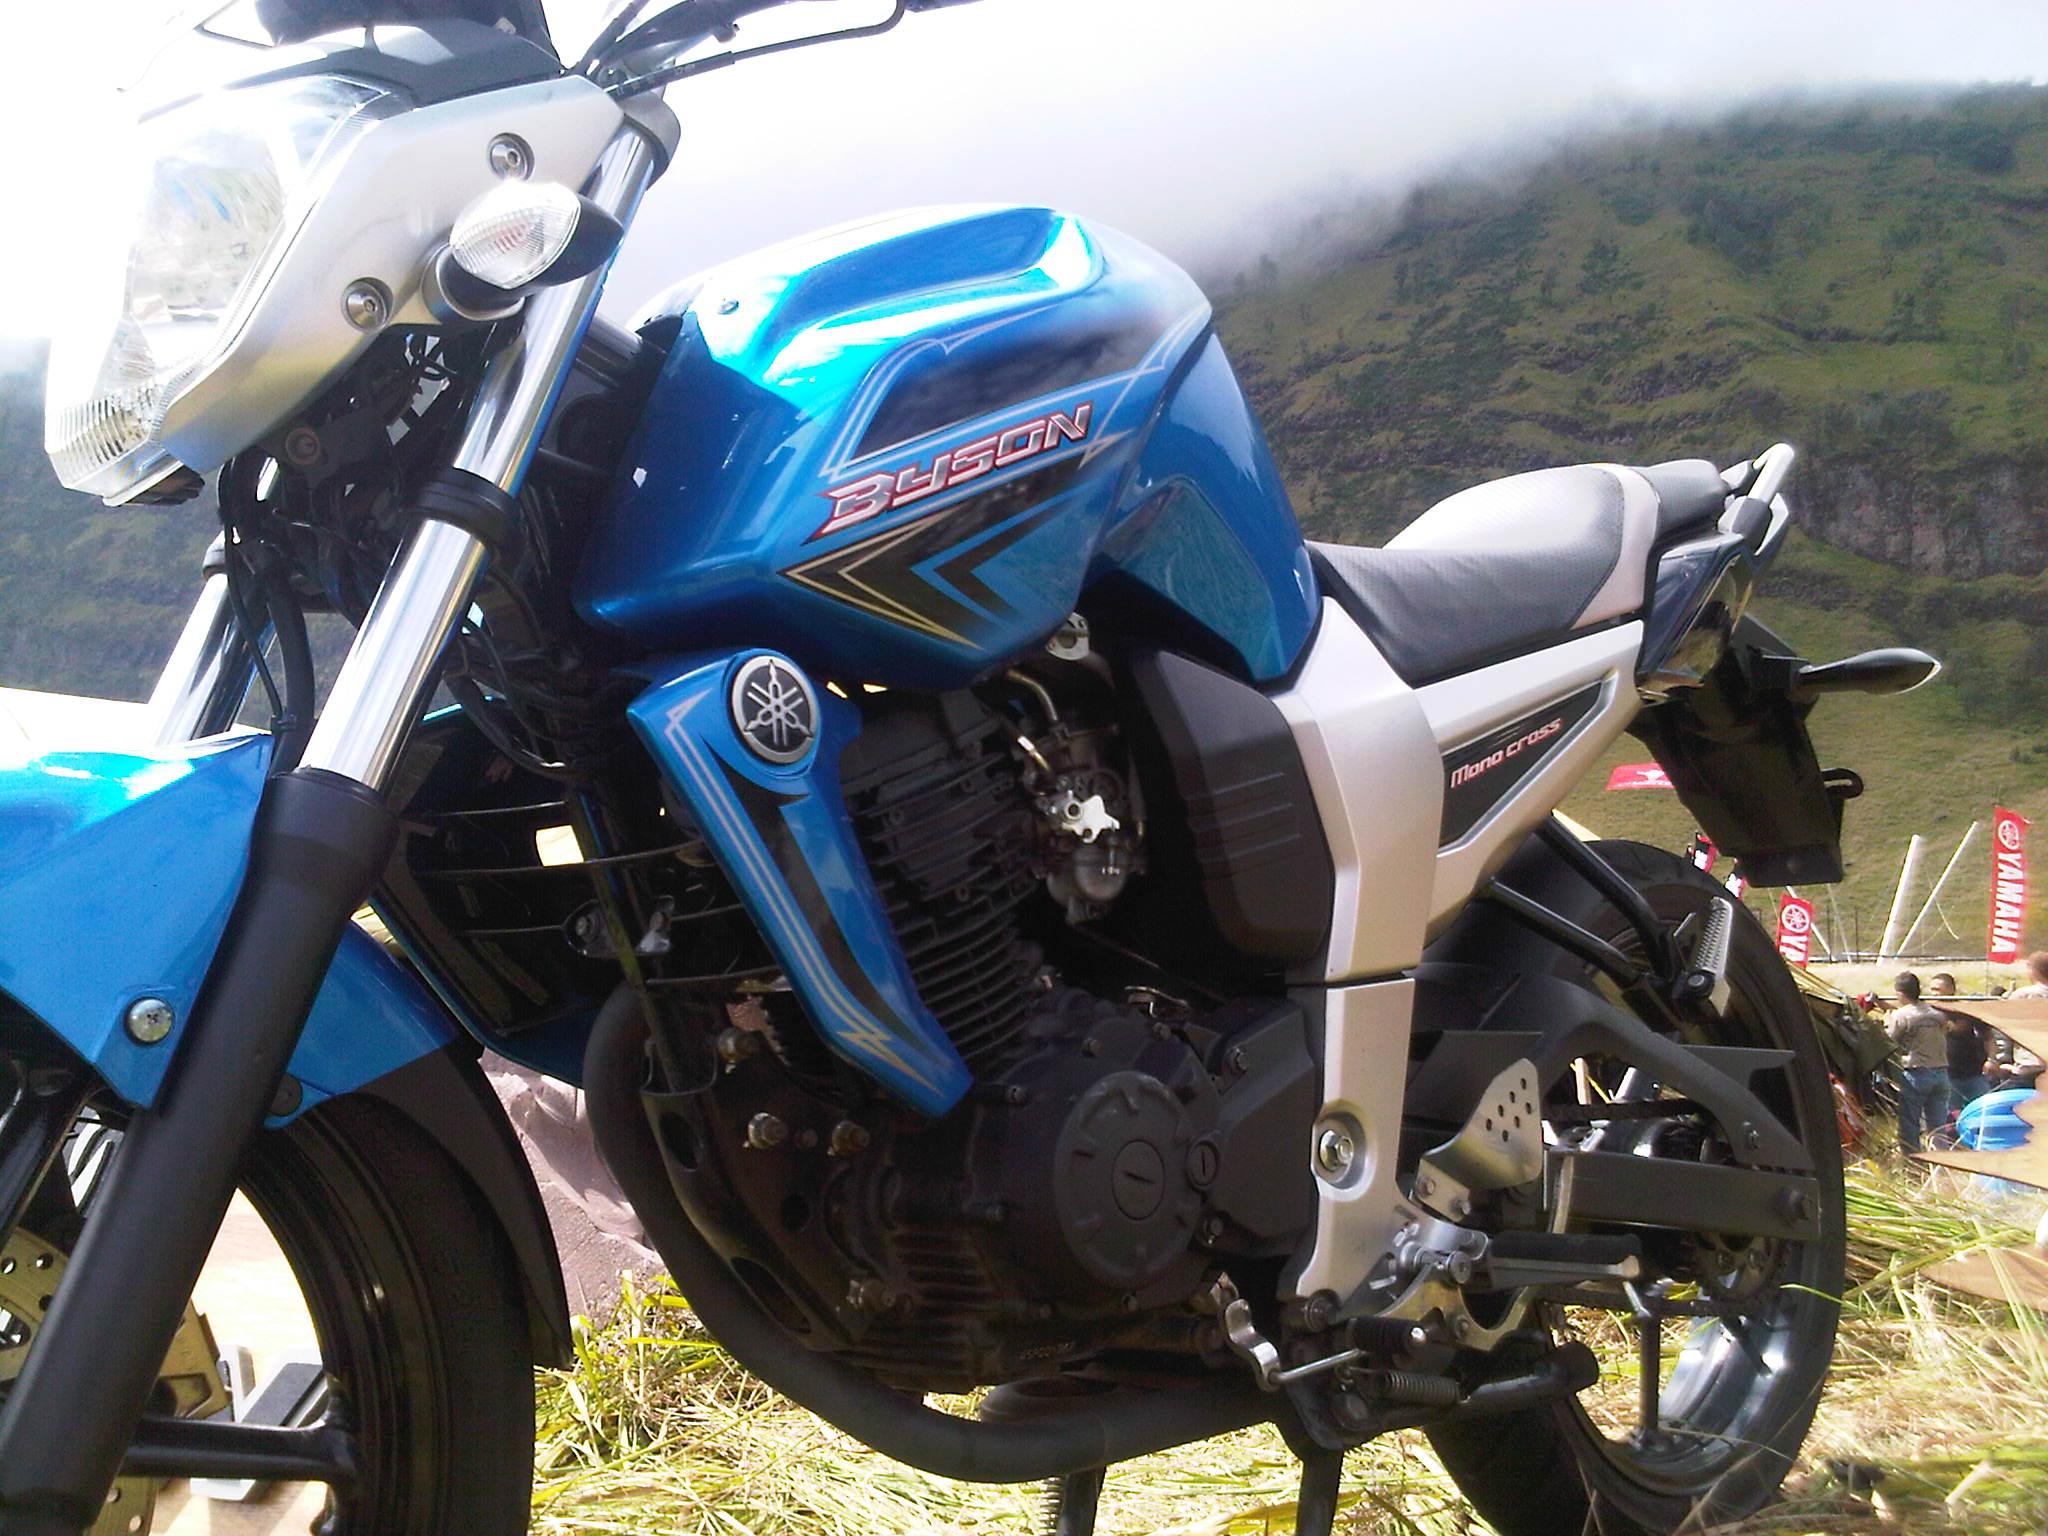 Koleksi Gambar Sepeda Motor Yamaha Byson Terbaru Dinding Motor